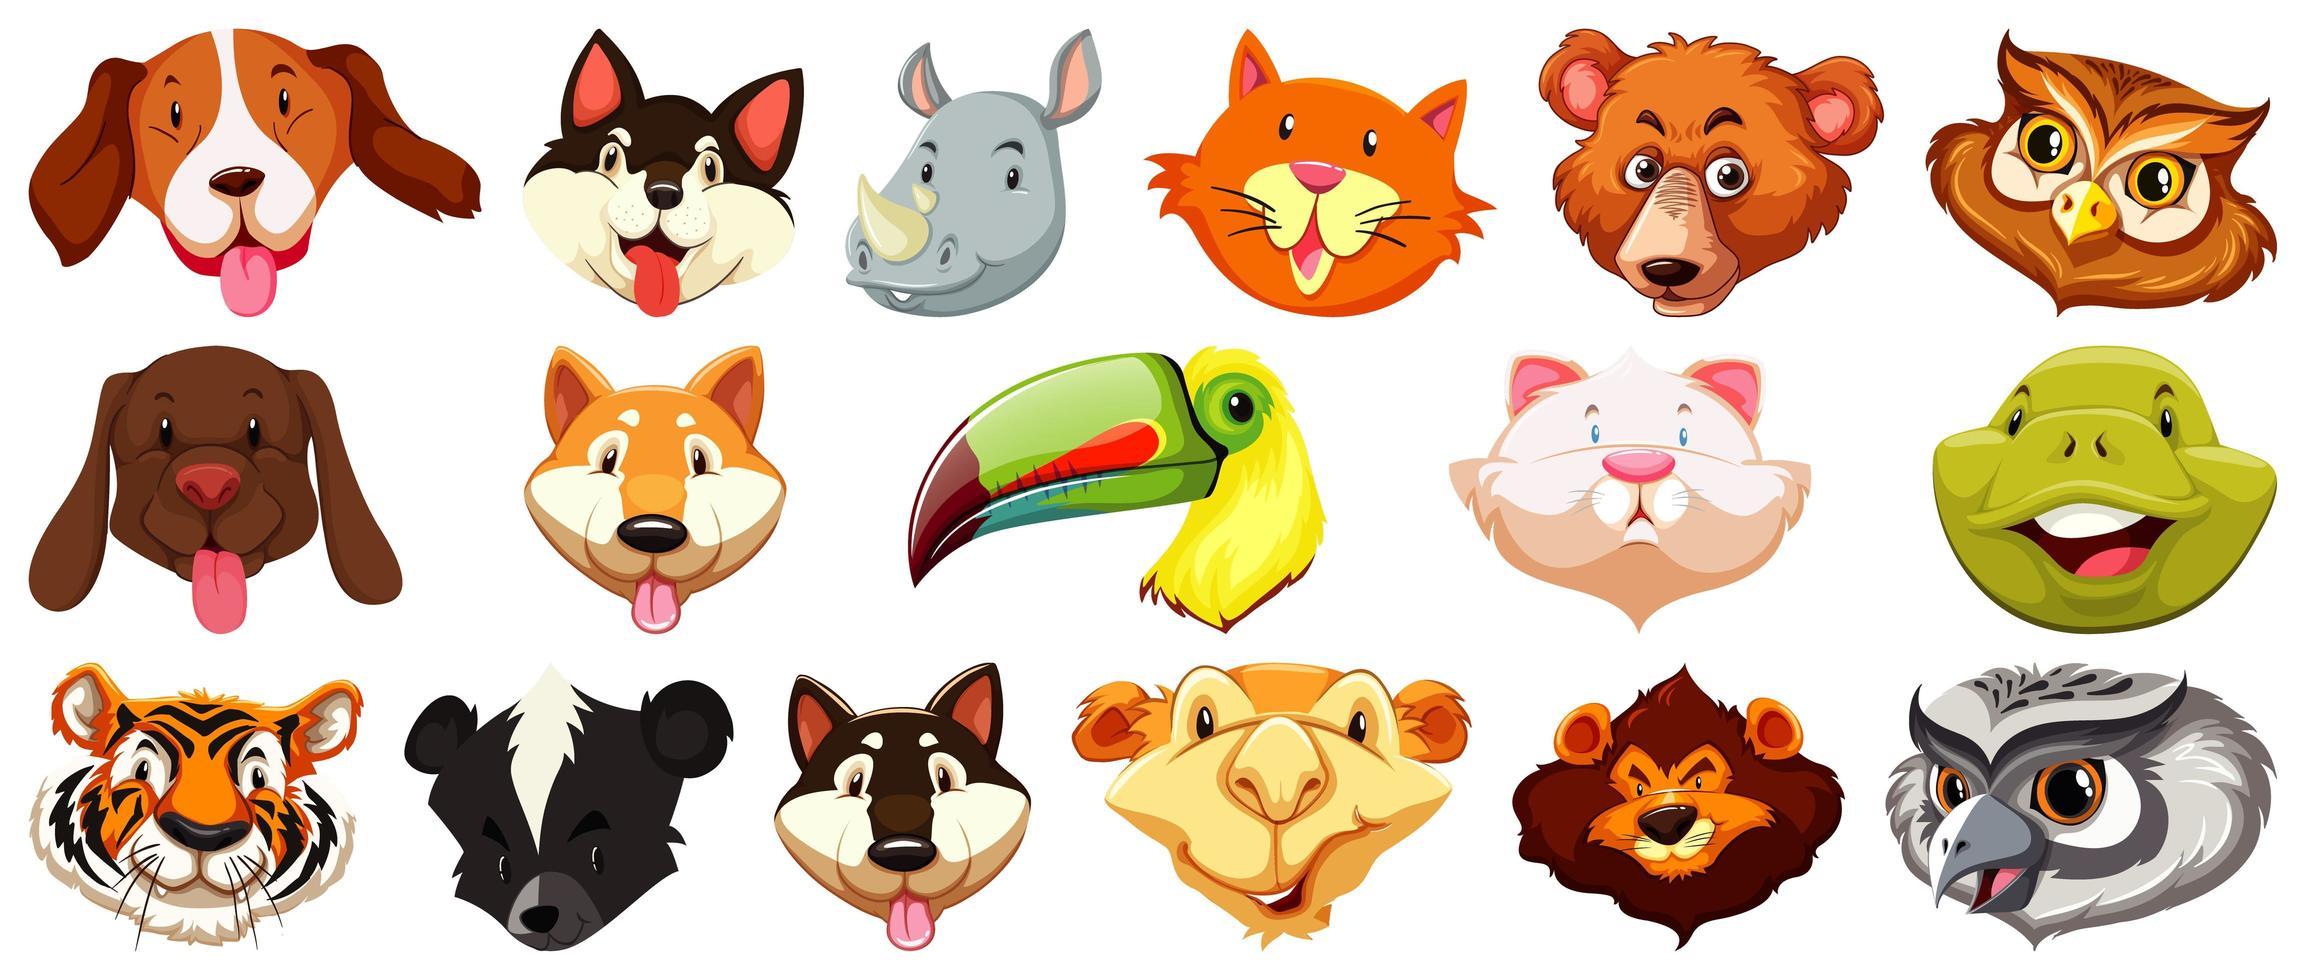 Satz von verschiedenen niedlichen Cartoon-Tierköpfen vektor